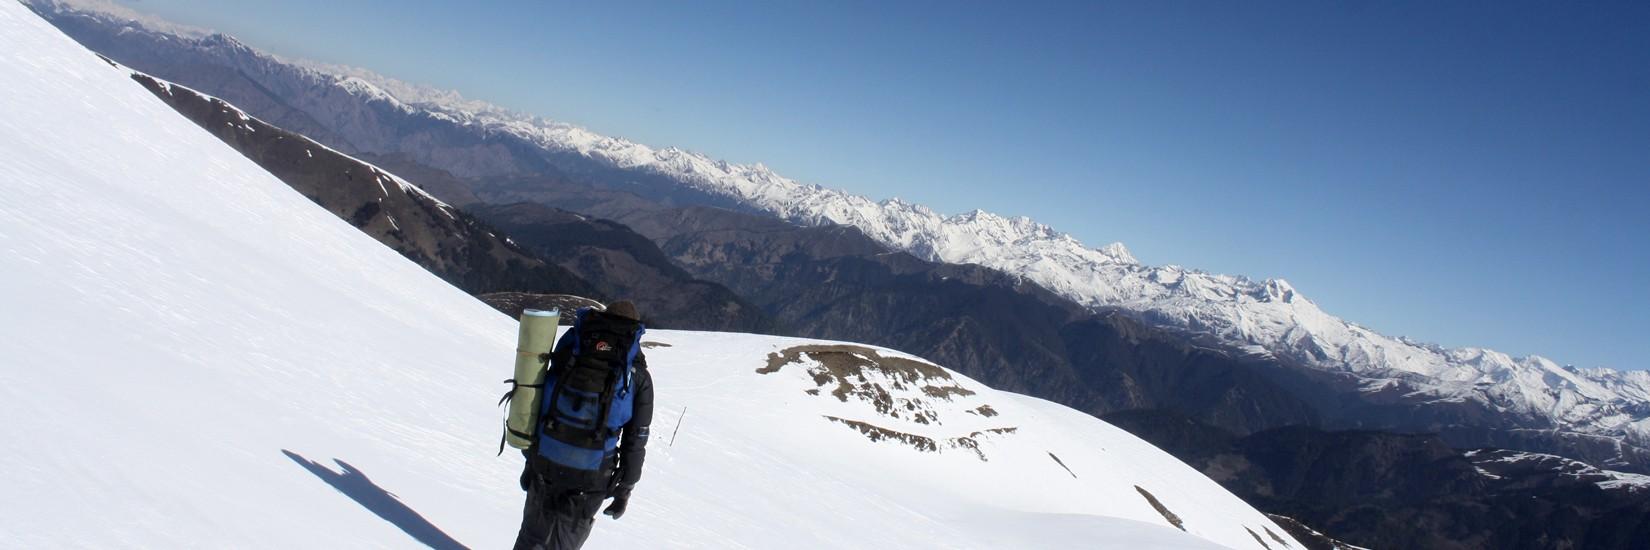 Kanjirowa Range from Chakhure Pass